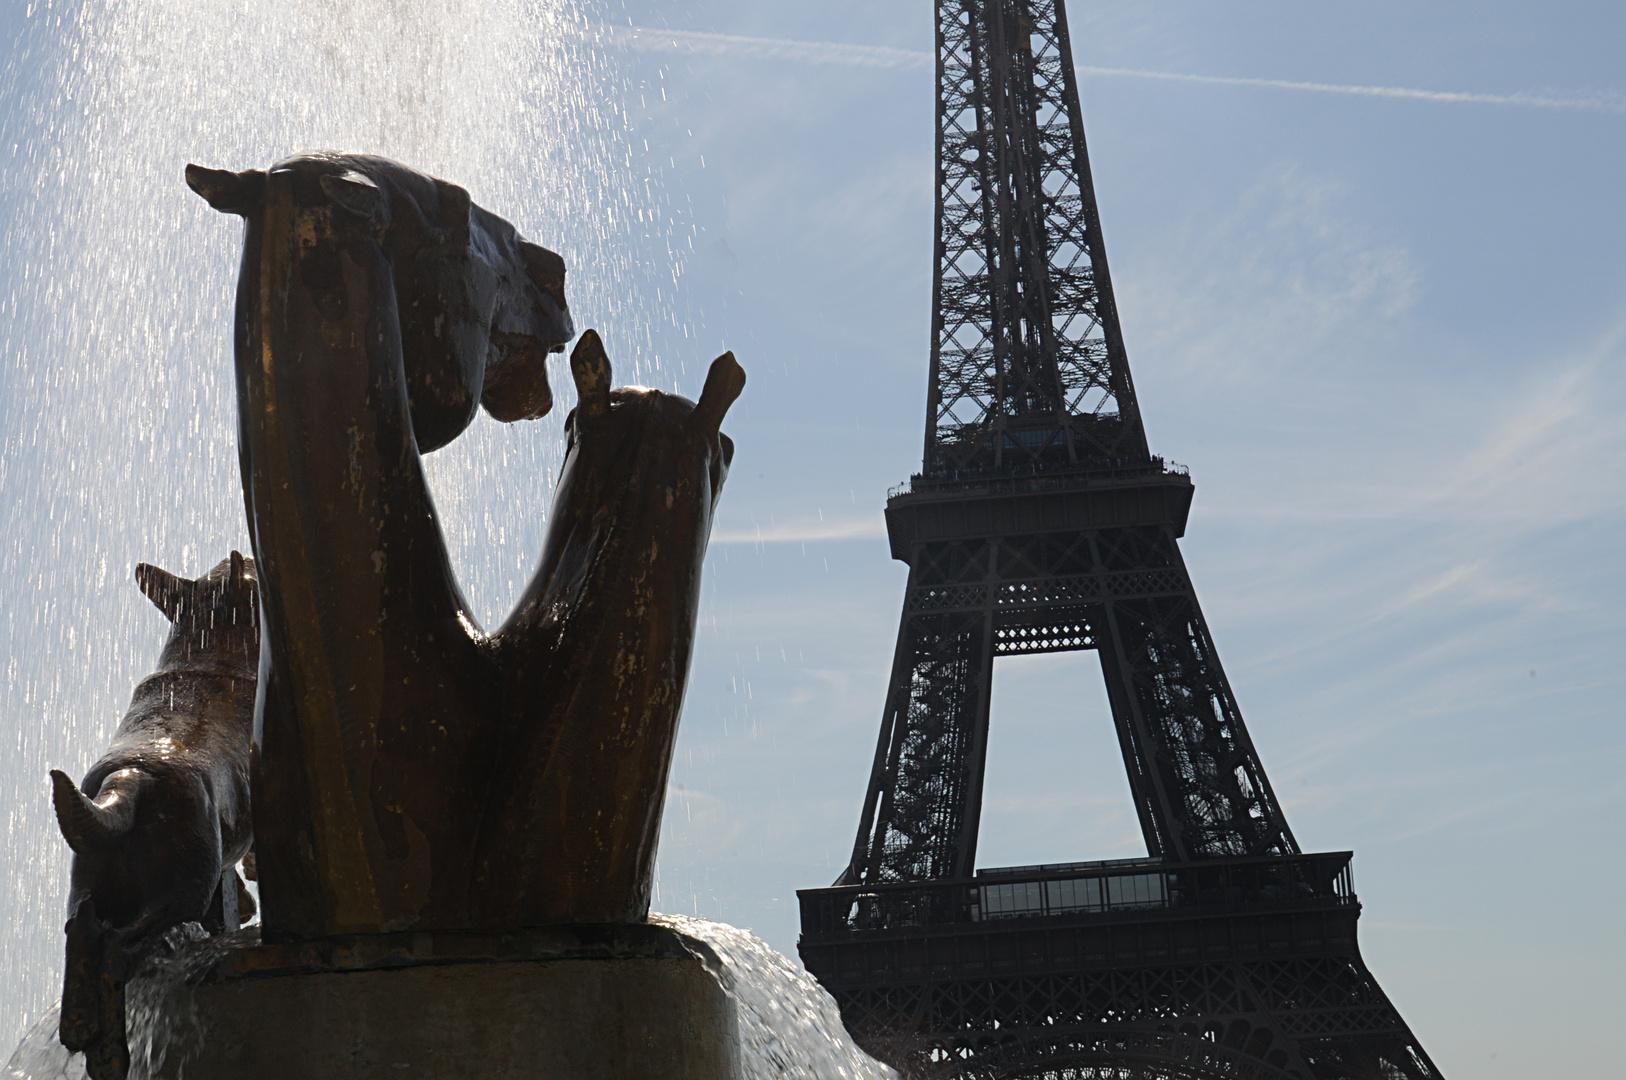 Paris, summer 2012